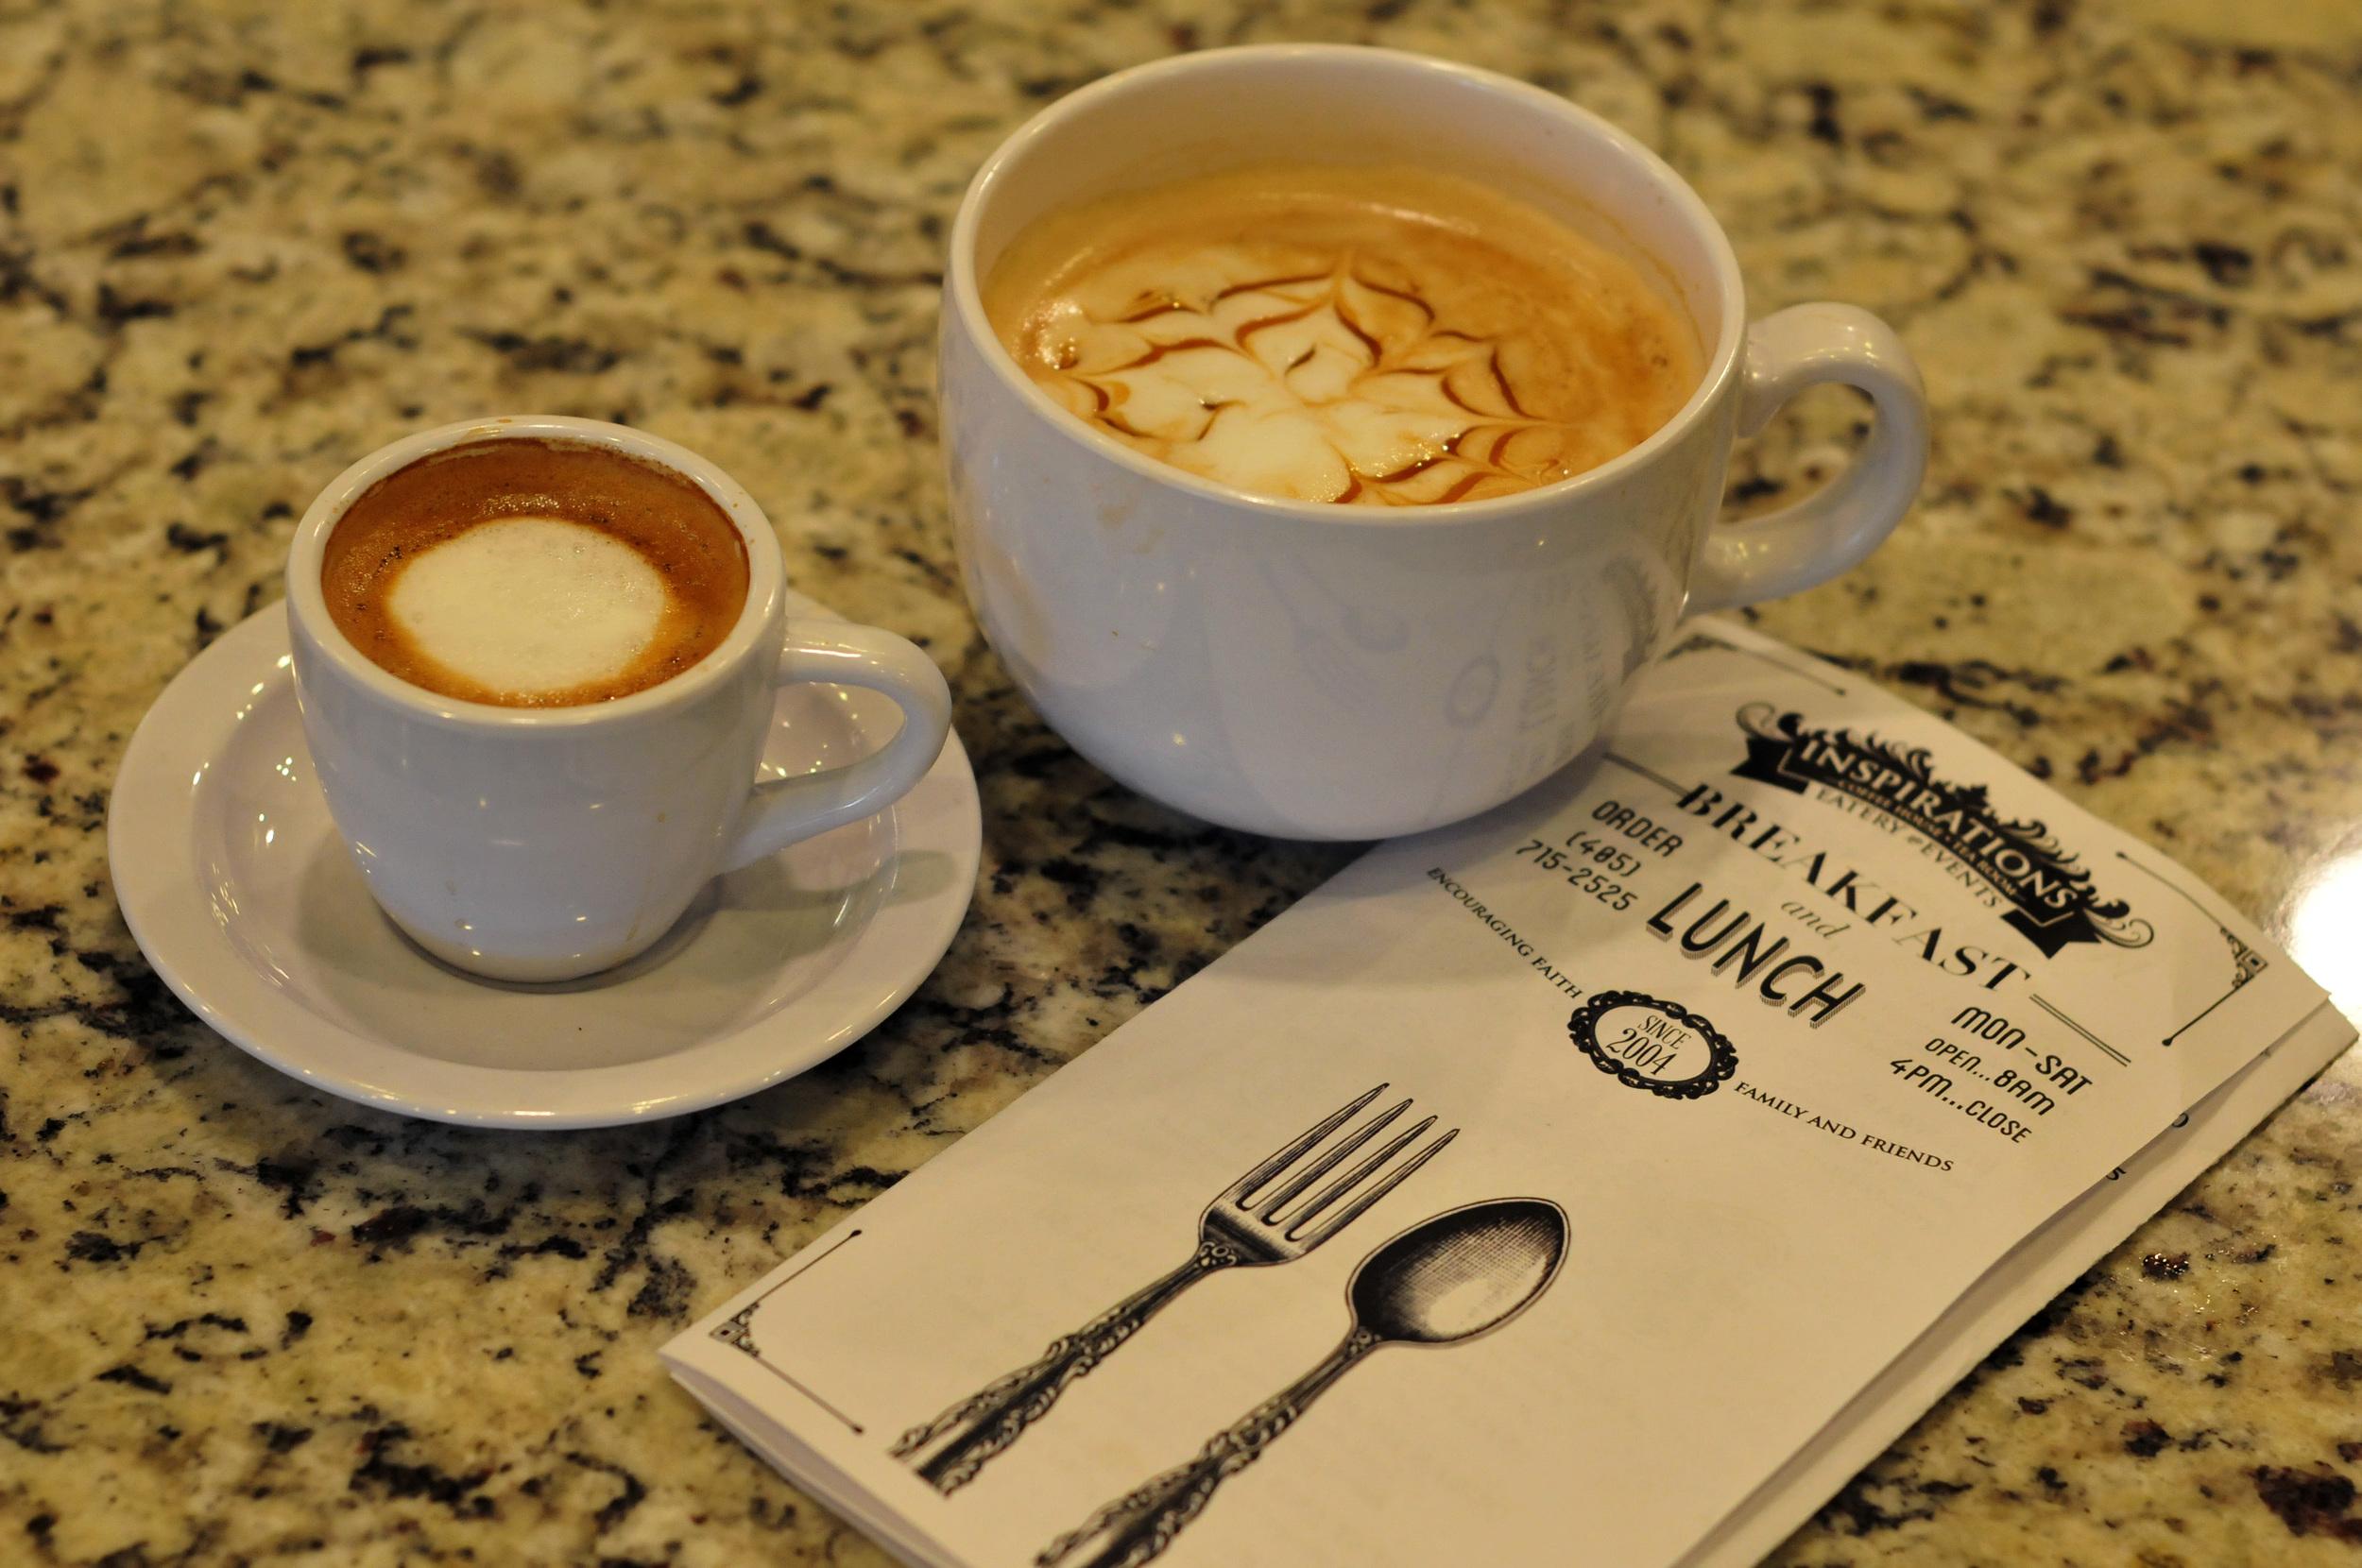 Espresso & Lattes at Inspirations